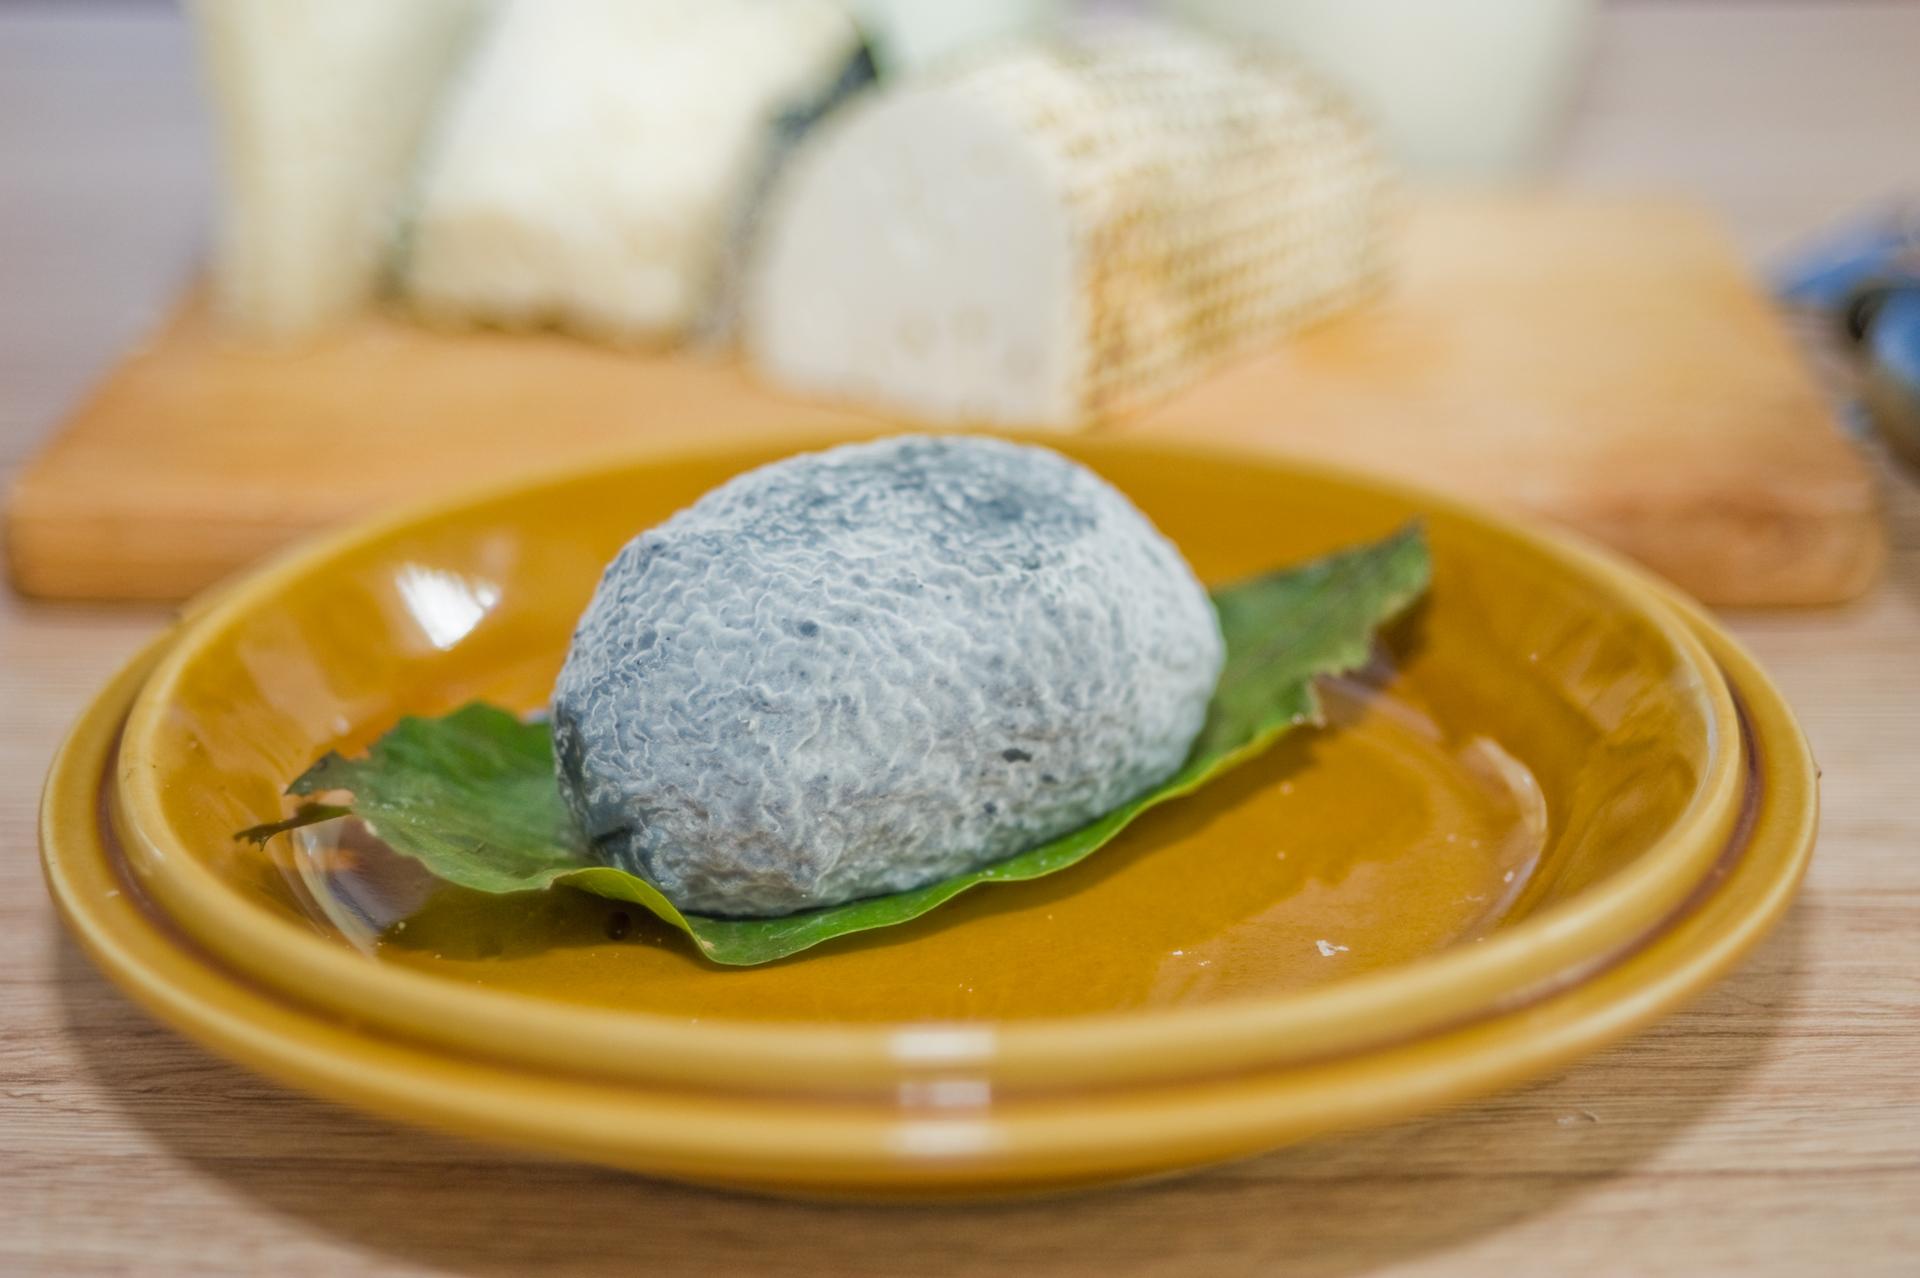 Vakond: szénpor bevonatú, nemespenésszel érő lágy sajt diófa levéllel csomagolva